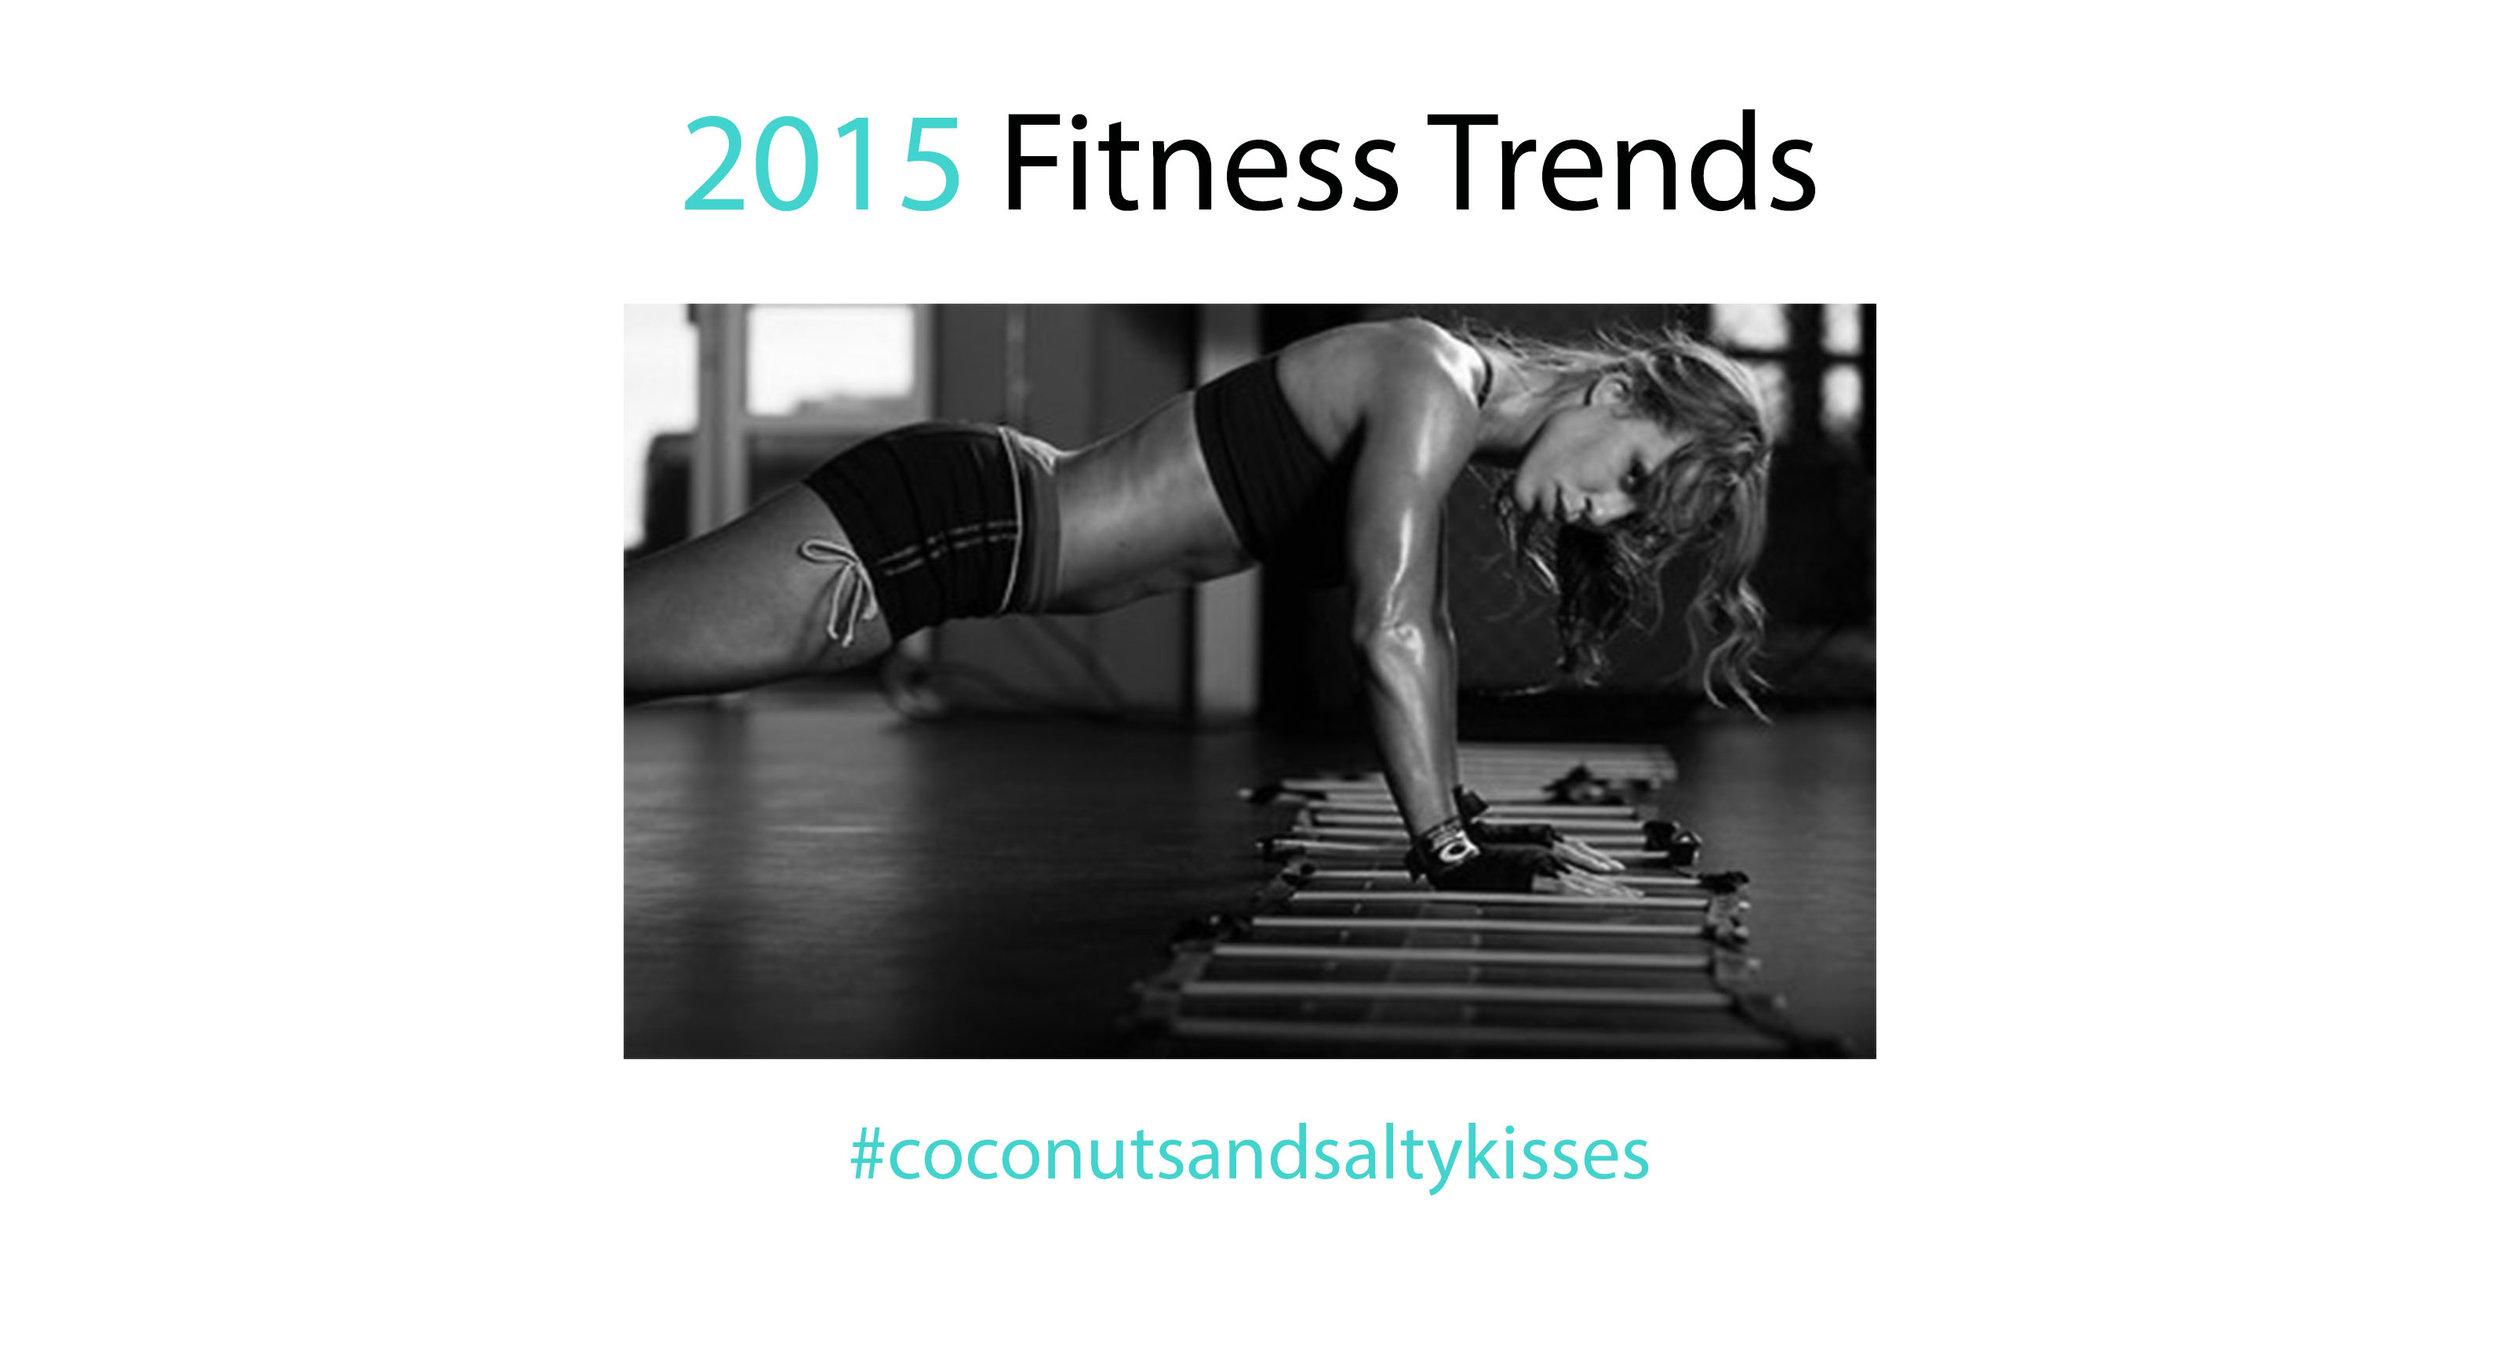 2015-fitness-trends-wp.jpg